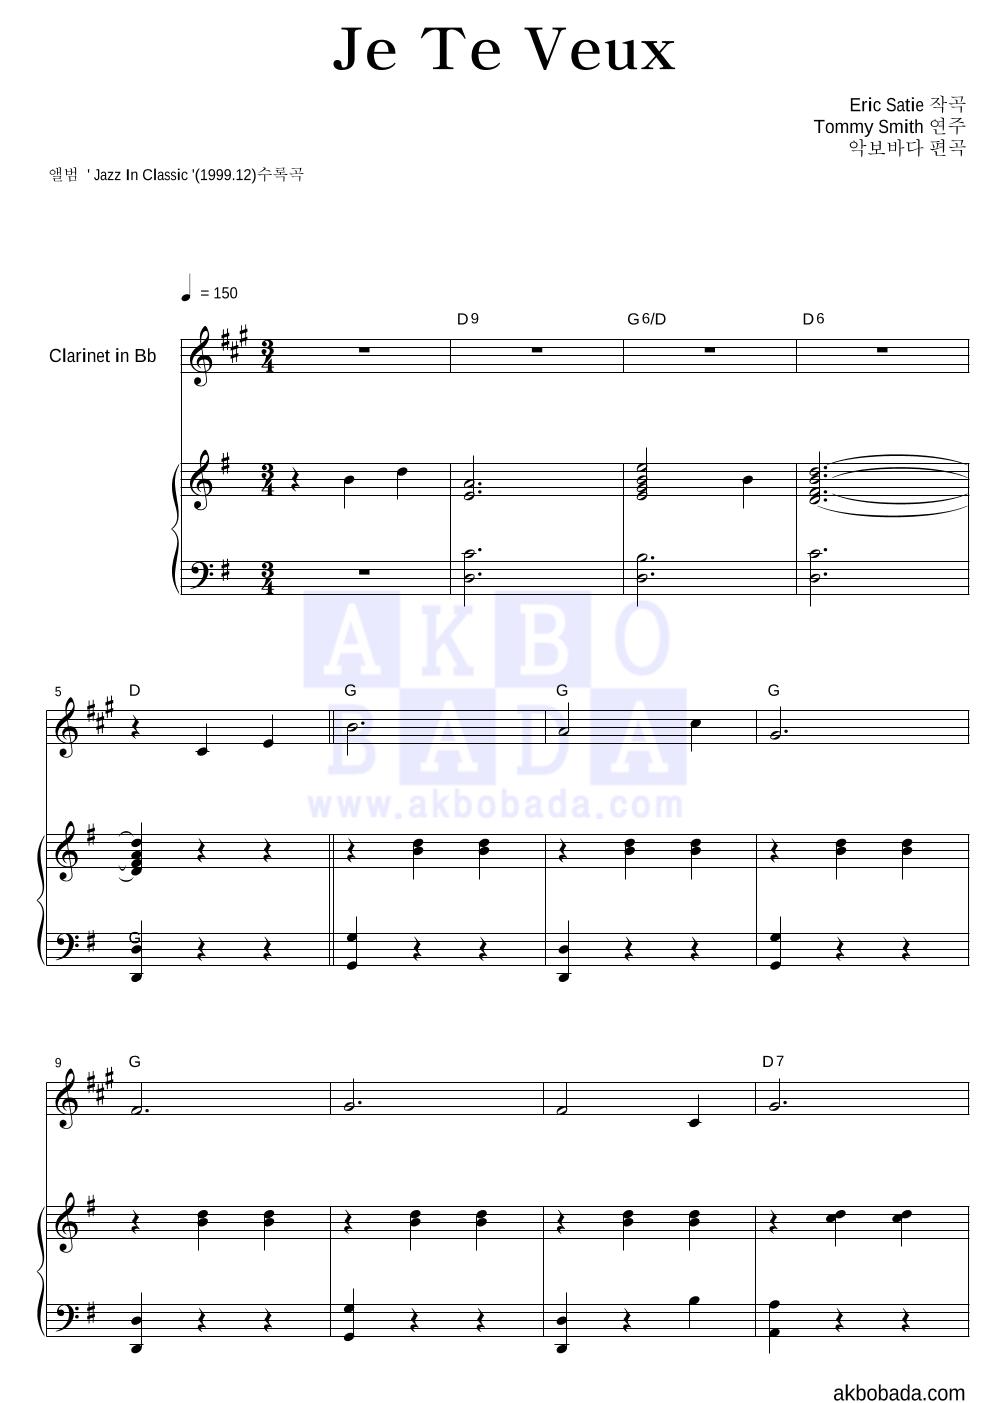 에릭 사티 - Je Te Veux 클라리넷&피아노 악보